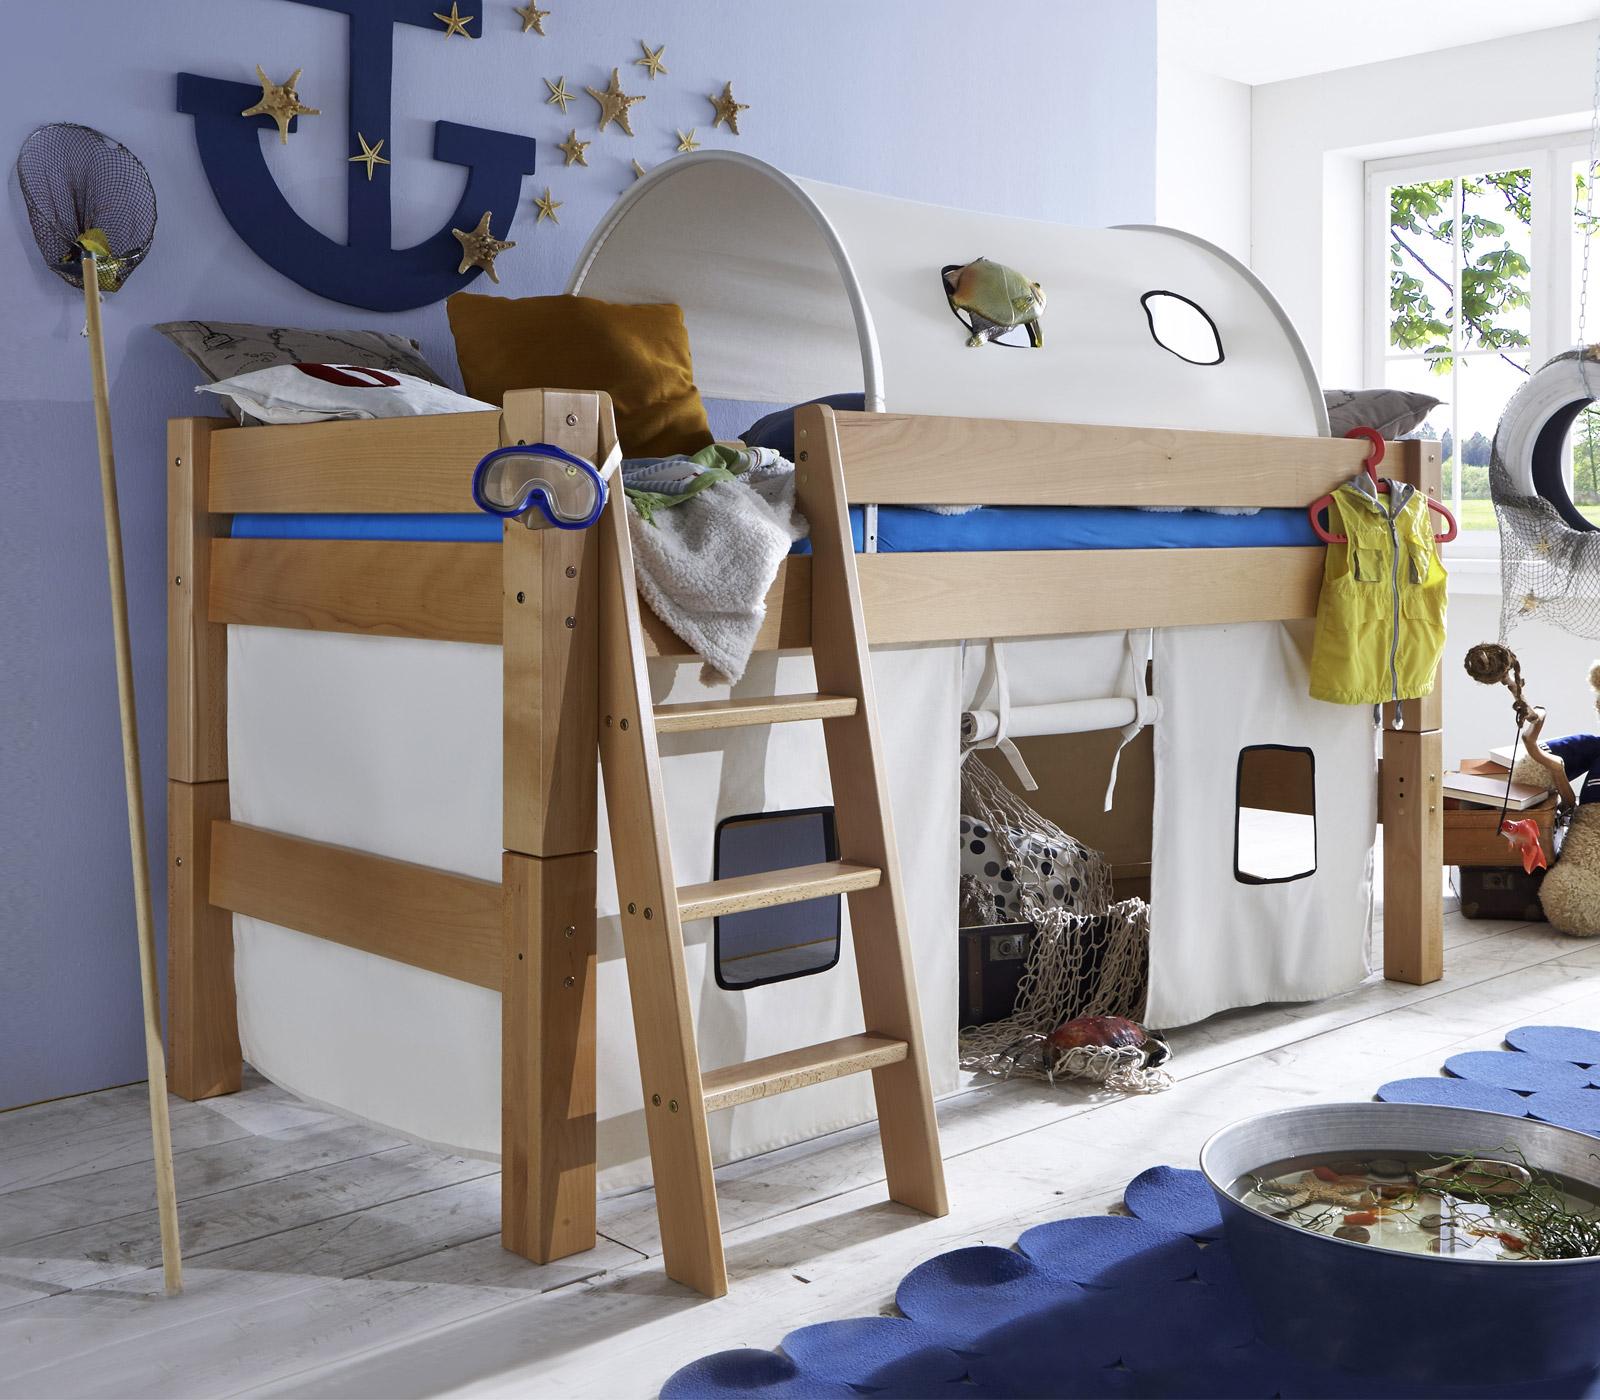 Full Size of Hochbett Aus Buche Coole T Shirt Sprüche Paradies Betten Günstig Kaufen 180x200 Bei Ikea Mit Aufbewahrung 200x200 Rauch Möbel Boss Massivholz Tempur 140x200 Bett Coole Betten